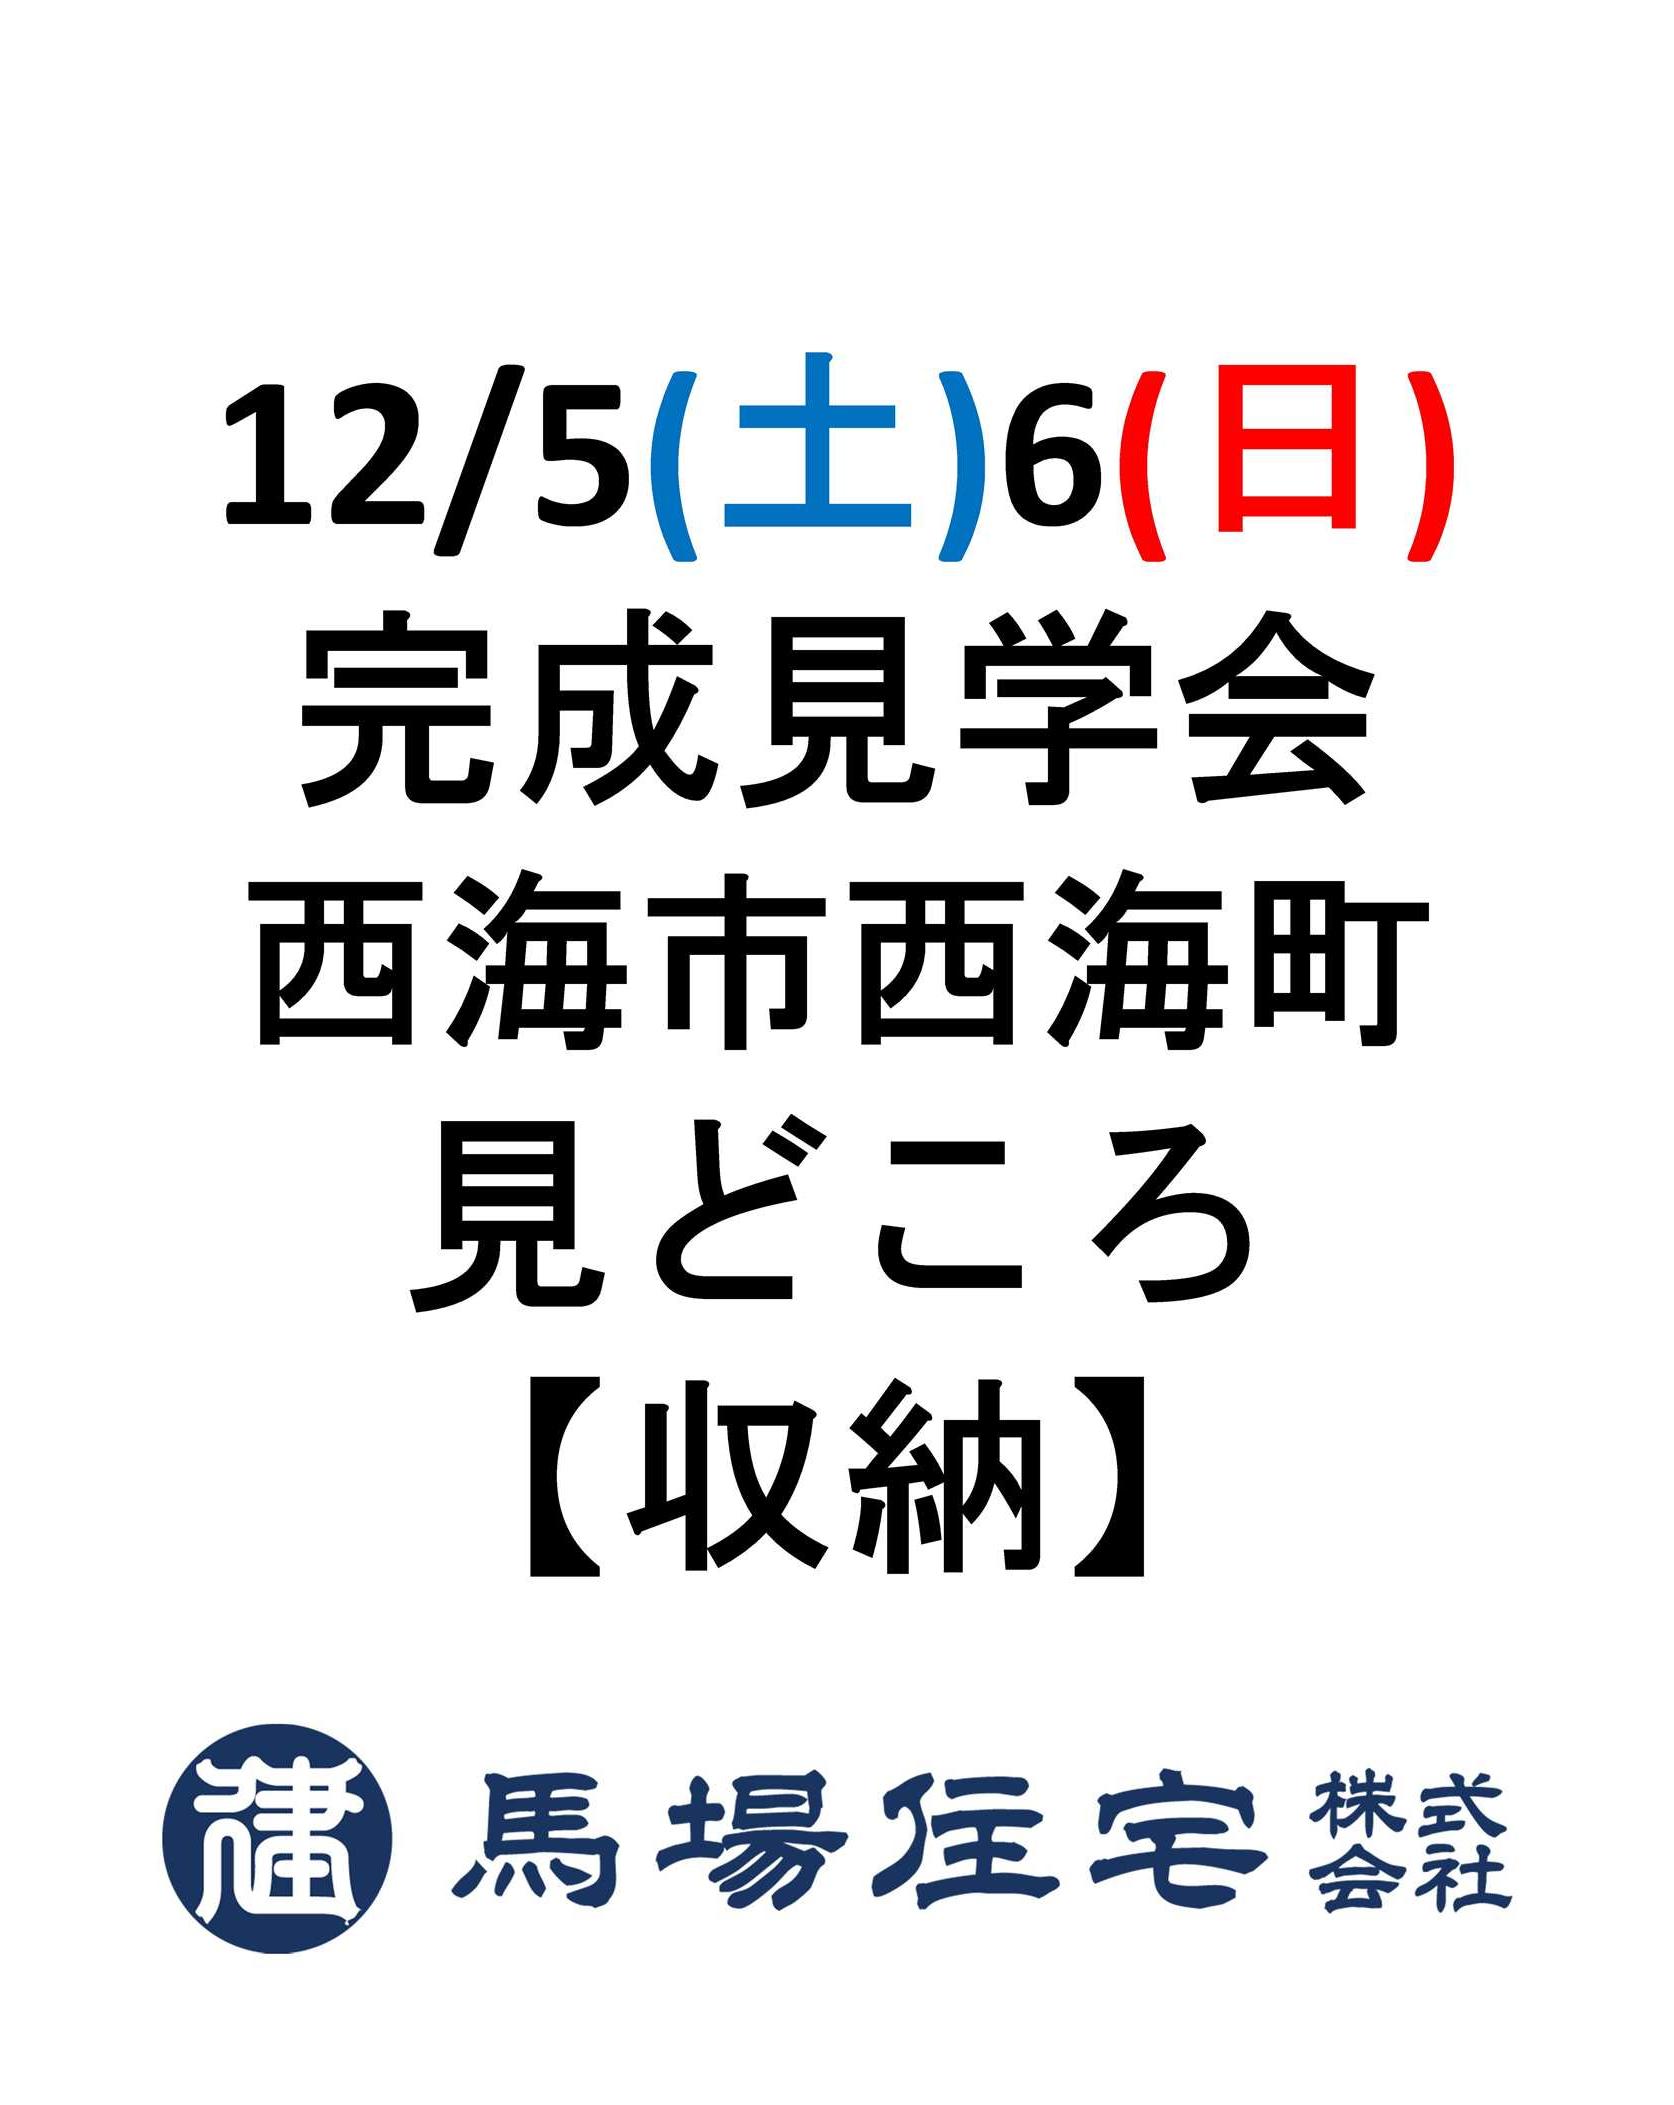 [insta]2020年最後の見学会12/5(土)6(日)西海市西海町ー ー ー ー ー ー ー ー ー ー ー ー ー ー ー【収納】かゆいところに計画できた配置使いやすさと充実した容量を確保馬場住宅株式会社長崎県大村市中里町418-14TEL 0957-54-3324メール info@babajuutaku.com@babajuutaku#babajuutakuホームページ【馬場住宅 】で 検索HPにも施工例あります。私たち#馬場住宅 は#長崎県 #大村市 の#工務店 です。施工エリアは長崎県内全域にて#新築 #注文住宅 #一戸建て を中心に建ててます。みなさんの夢の#マイホーム を造っている会社です。最近では#リノベーション #リフォーム#古民家再生 #二世帯住宅 #平屋 の依頼を多く頂いています。馬場住宅が建てる家#社員大工 が造る3つのスタイルで建てています。#和洋折衷#優しい家 #安らぐ家#現代和風#現し #無骨 #板張り #無垢#純和風#和室 #床の間 #磨き丸太#zeh #長期優良住宅=================馬場住宅の家づくり小さな工務店ですが、大工20名は全員社員として在籍技術には定評があり木の家専門の大工工務店として地元に根強い会社です。性能と自然素材で安心安全と信頼の住まいをつくります。資料請求はインスタ又はHP内の「お問合せ」からどうぞ@babajuutakuホームページは【馬場住宅 】で 検索#湿気対策 には杉板